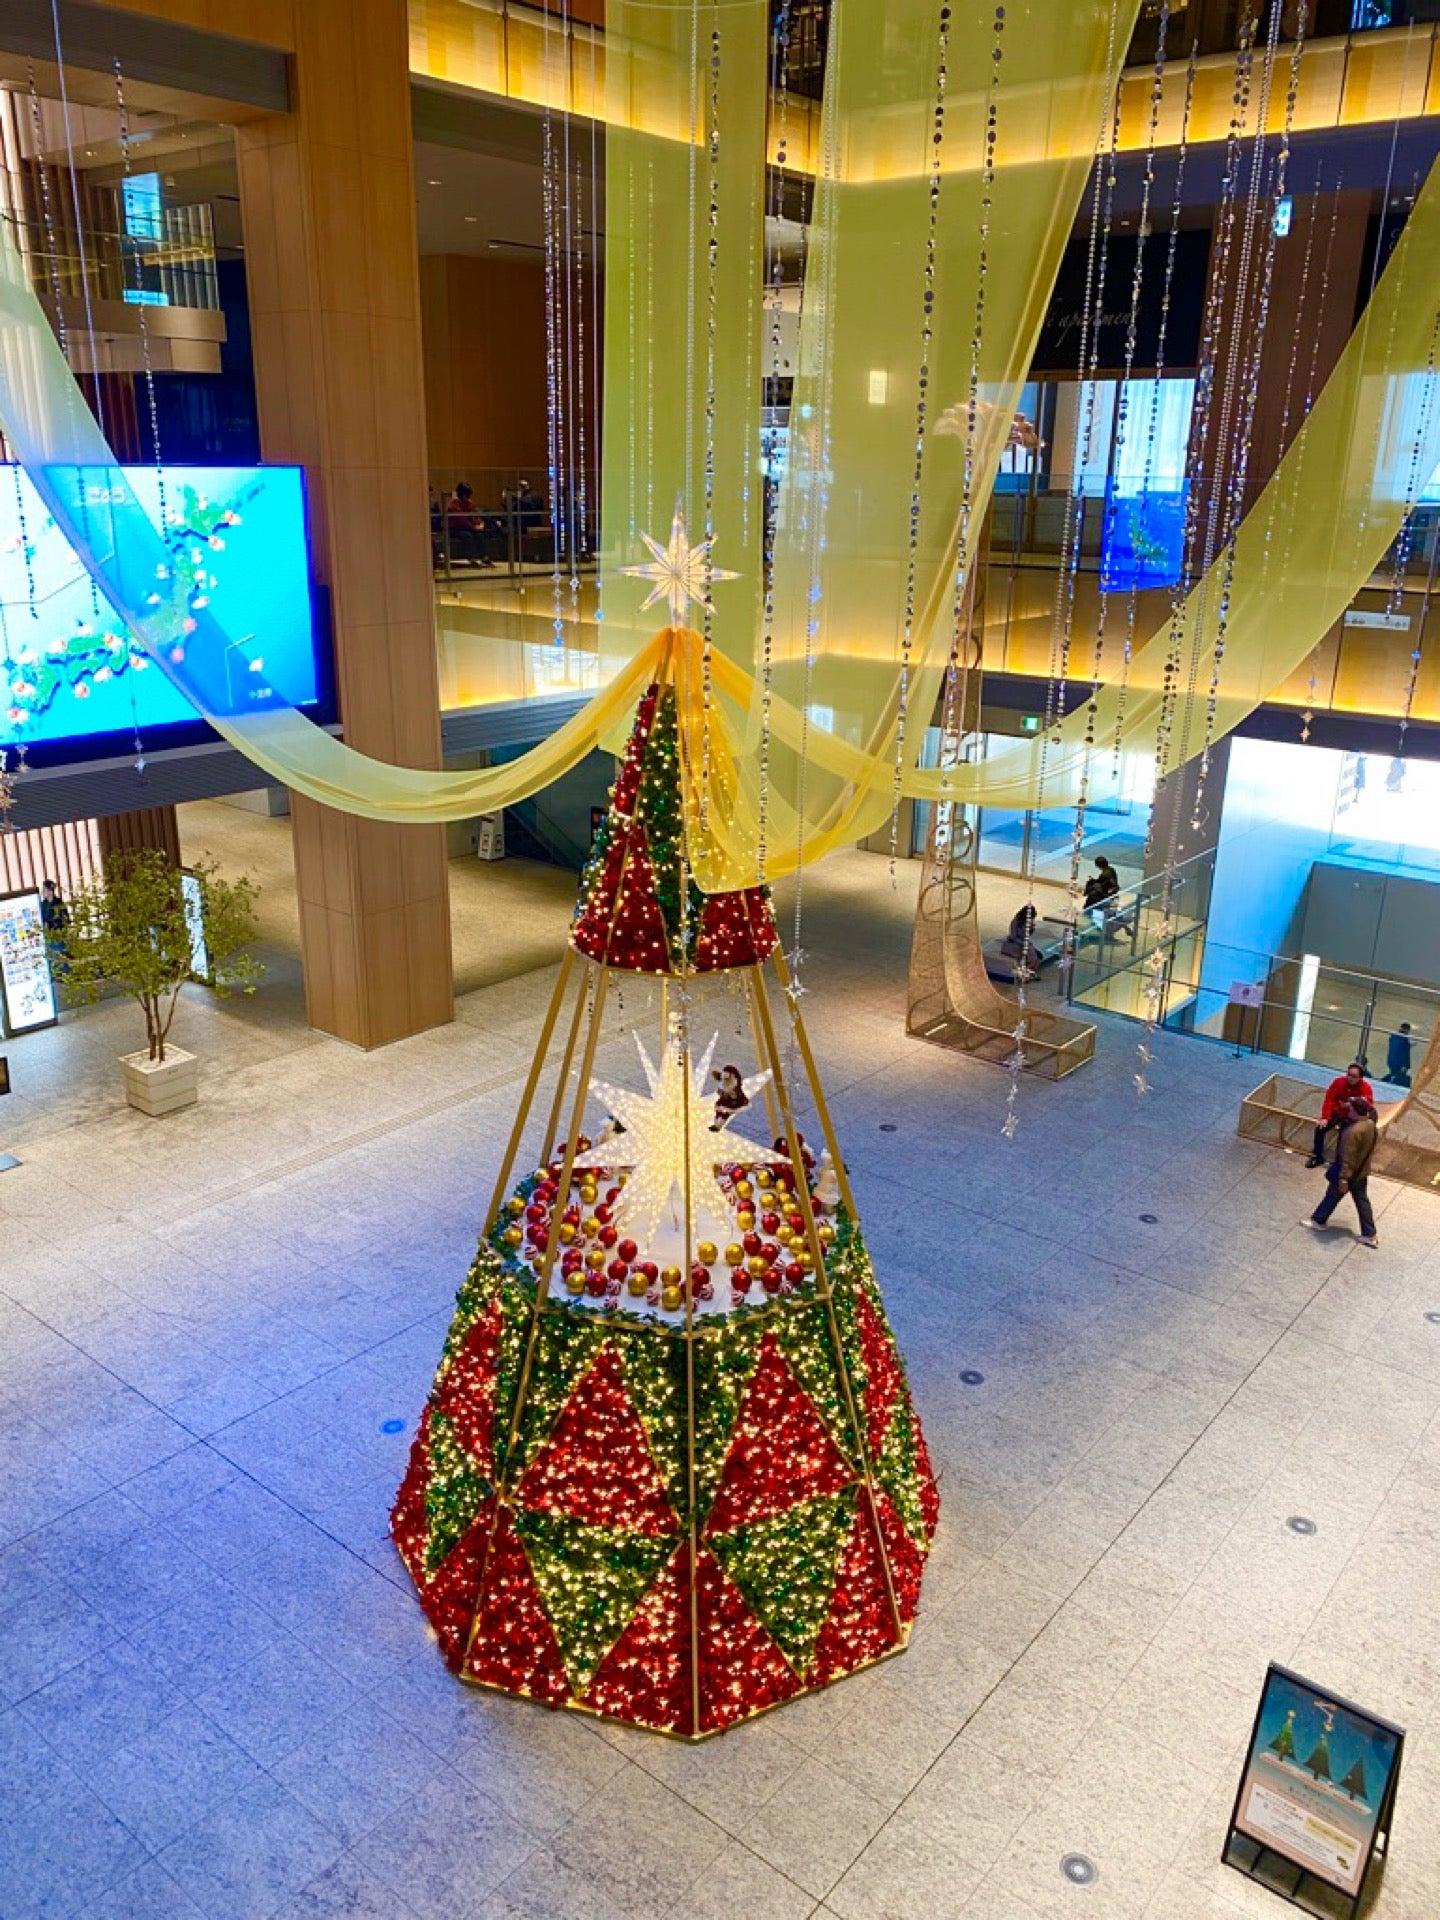 クリスマスツリーぽいの (@ KITTE名古屋 in 名古屋市, 愛知県) https://t.co/8SxbcIo0gl https://t.co/OTxsxlBlM3